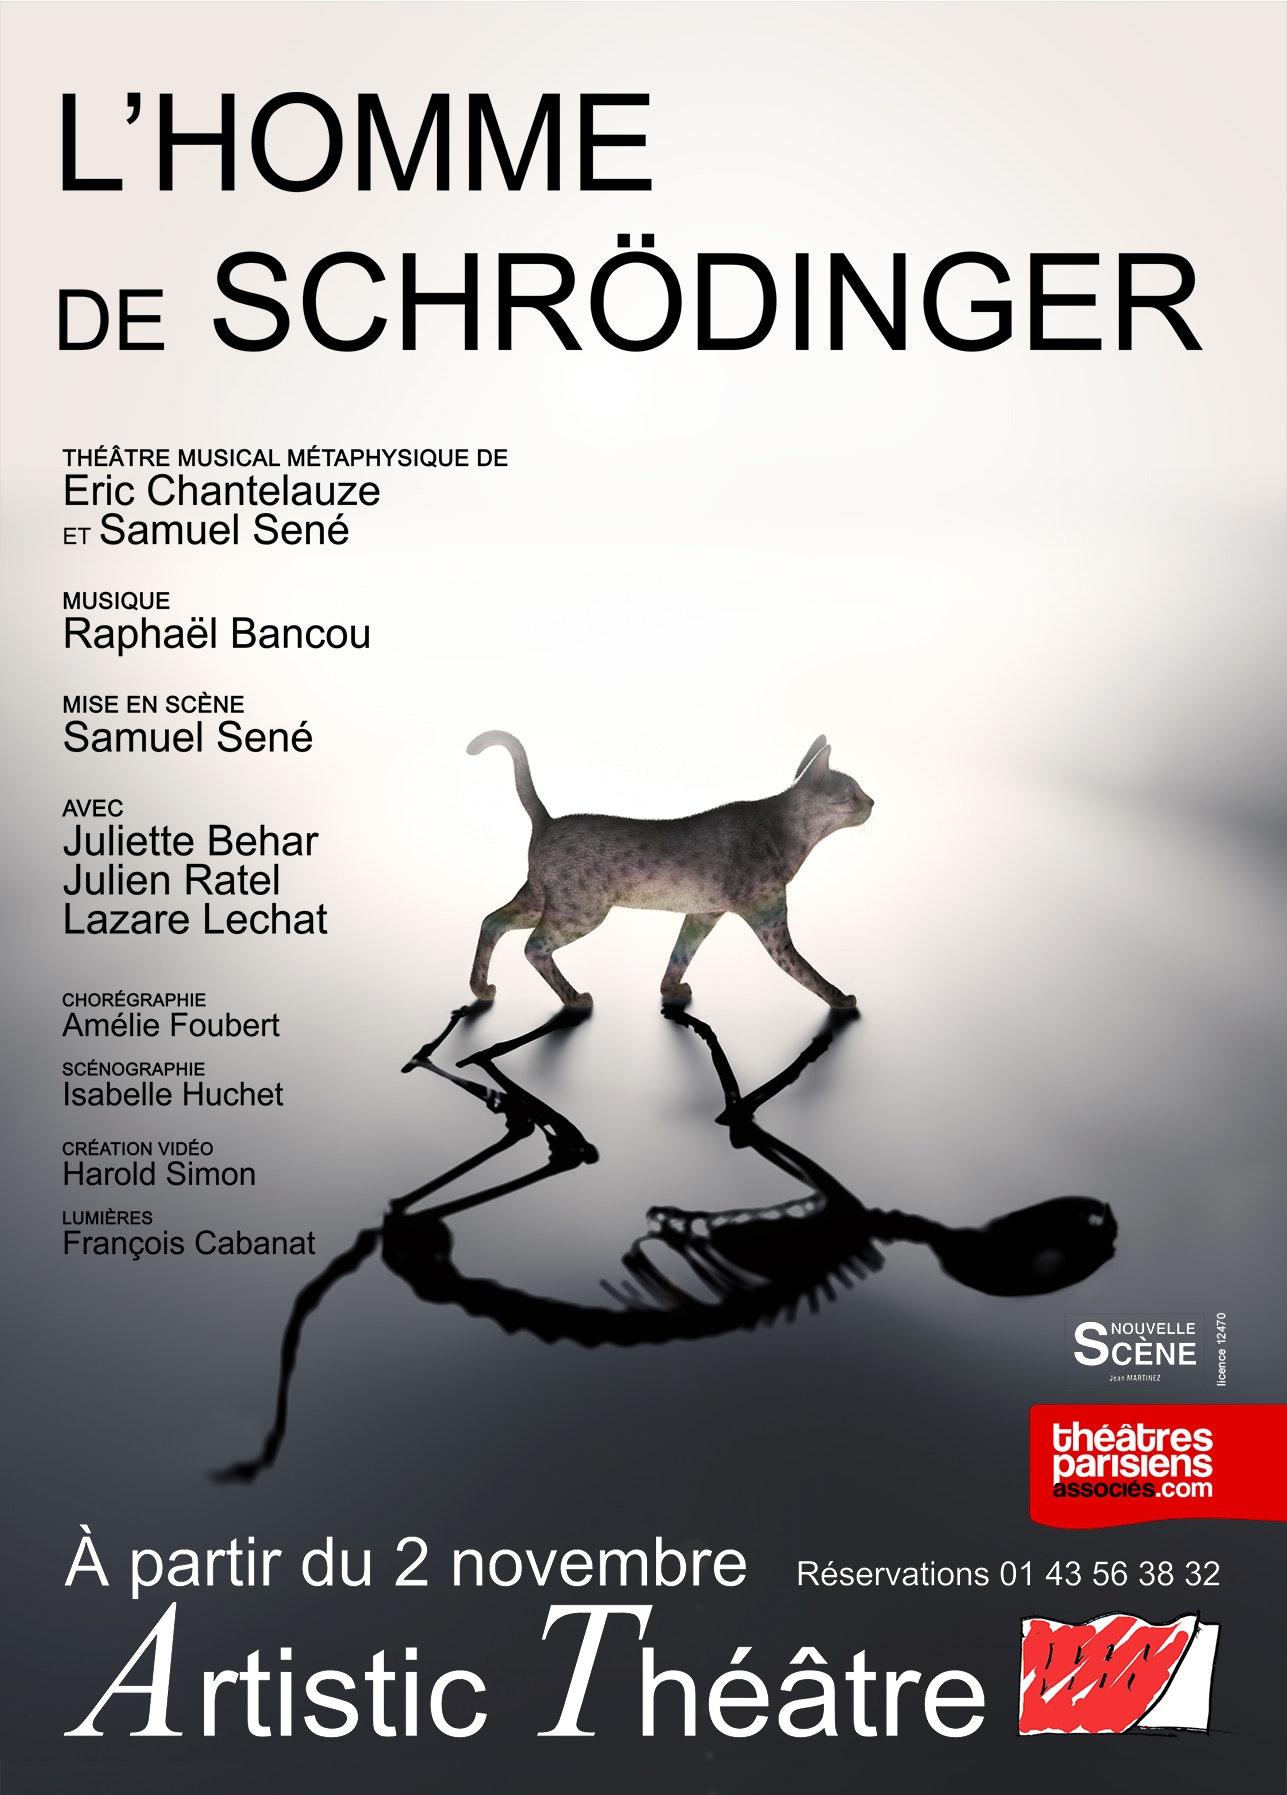 Image L'HOMME DE SCHRÖDINGER